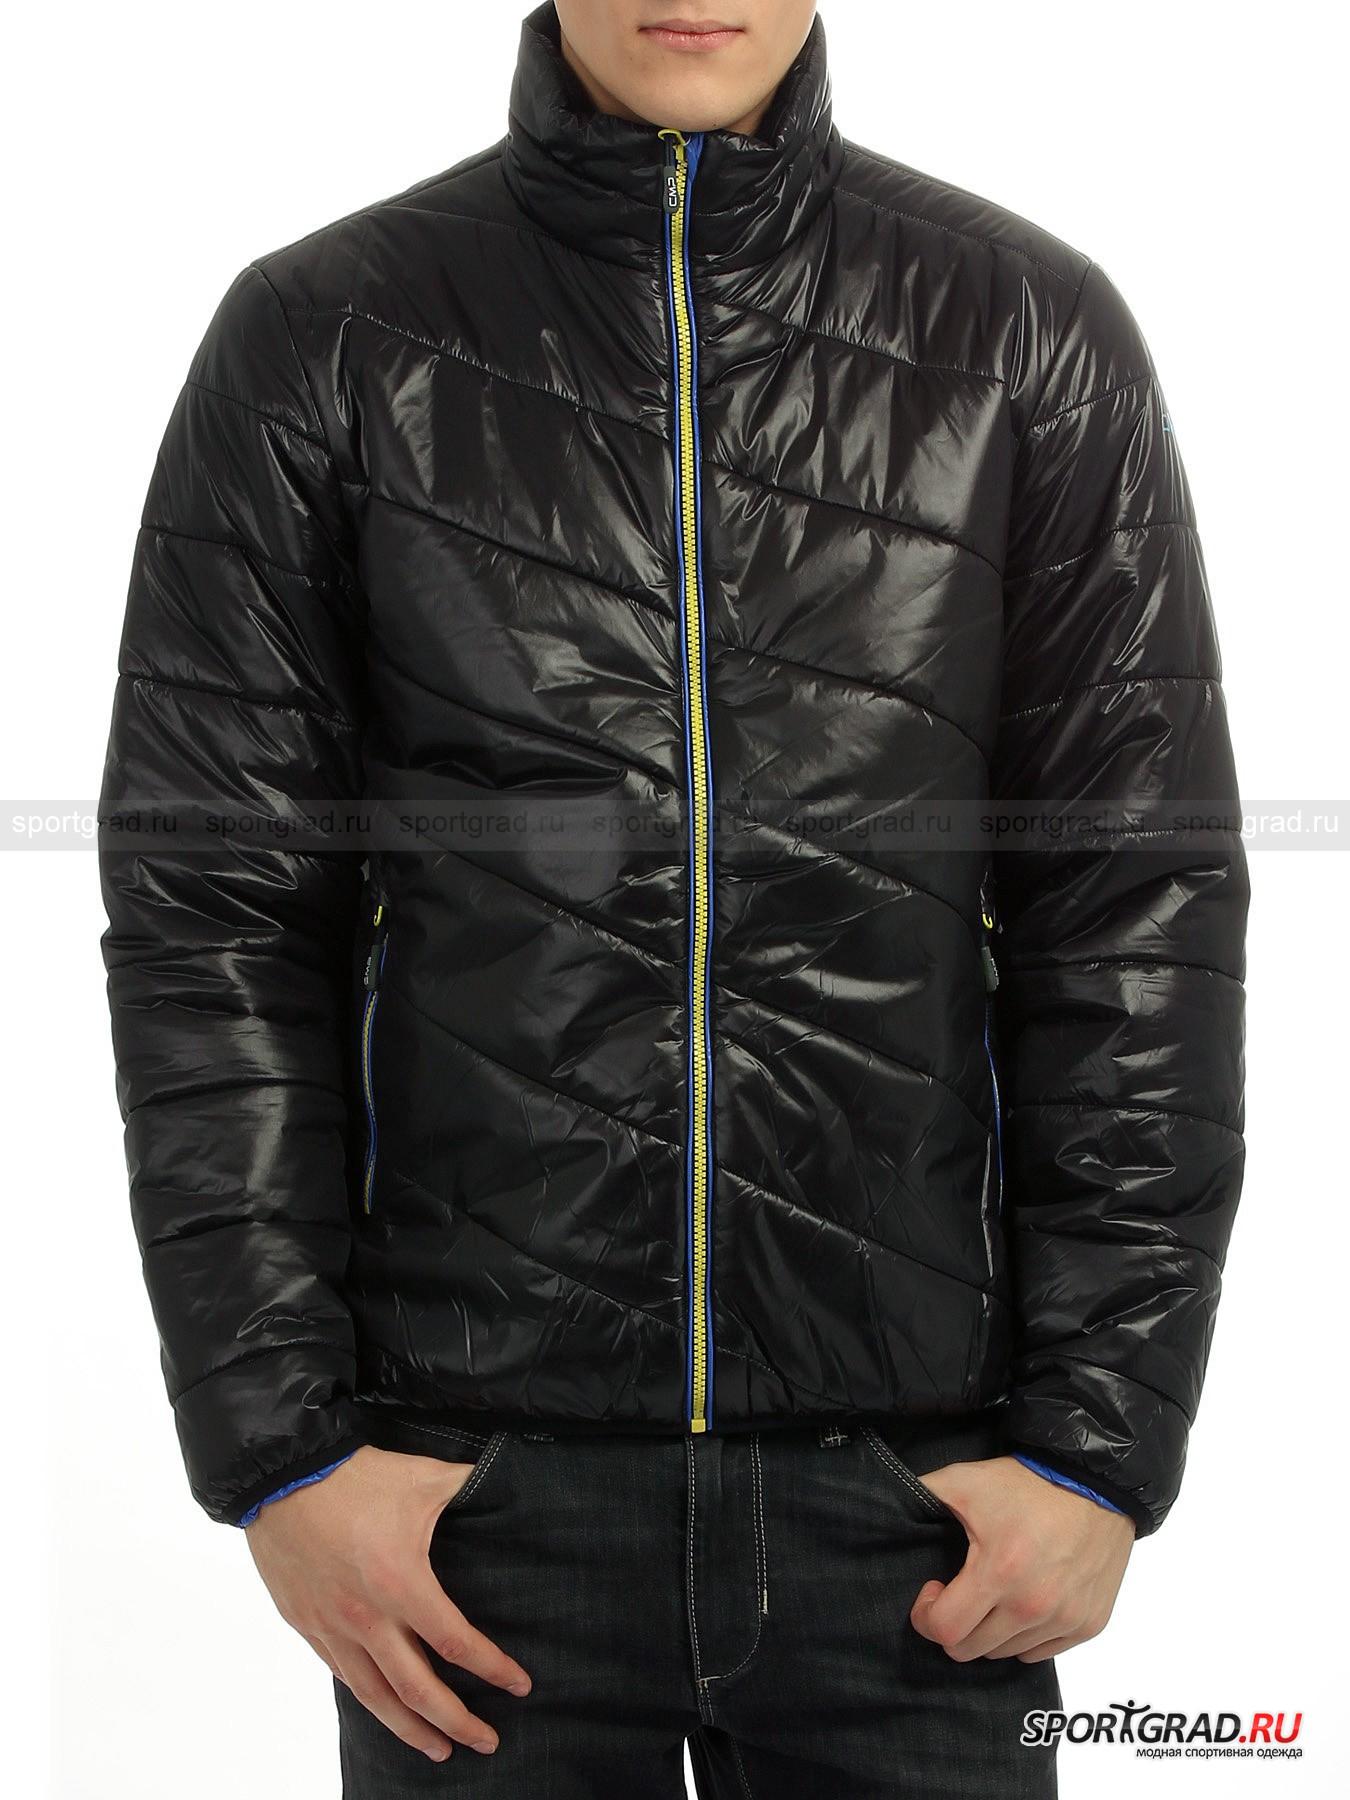 Куртка мужская MAN JACKET CAMPAGNOLOКуртки<br>Мужская куртка MAN JACKET CAMPAGNOLO – модель с неординарным дизайном, лаконичная, но с изюминкой в виде броских  пластиковых молний и яркой окантовкой карманов и полочек. Изделие полностью простегано: рукава горизонтальными строчками, а полочки и спинка – диагональными. Это очень легкая, но теплая куртка, которая практически не ощущается на теле и абсолютно не сковывает движений.  При ее изготовлении применена технология ADVANSA THERMOCOOL: благодаря мультиканальным полым волокнам материала обеспечиваются максимальное влаговыведение и терморегуляция.  Она замечательно подойдет для  разных случаев и ситуаций: тем, кто ездит в автомобиле или в общественном транспорте, просто много перемещается по городу, а также для активного отдыха на природе в зимнее время.<br><br>Модель имеет:<br>- воротник-стойку, закрывающий горло,<br>- втачные рукава,<br>- планку, пришитую под основным замком, для защиты от ветра и потери тепла,<br>- боковые прорезные карманы в рамку, закрывающиеся на яркую молнию,<br>- внутренний прорезной карман на молнии на левой полочке,<br>- низ изделия и края рукавов обработаны обтачкой из эластичного трикотажа.<br>Длина изделия сзади по центру от горловины до низа 73 см, ширина в груди 58 см, длина рукава по нижнему шву 58 см (размер 50).<br><br>Пол: Мужской<br>Возраст: Взрослый<br>Тип: Куртки<br>Рекомендации по уходу: Деликатная стирка в теплой воде без отбеливателей, можно отжимать в центрифуге при низкой температуре. Не рекомендуется гладить.<br>Состав: 100% полиамид, утеплитель 100% полиэстер